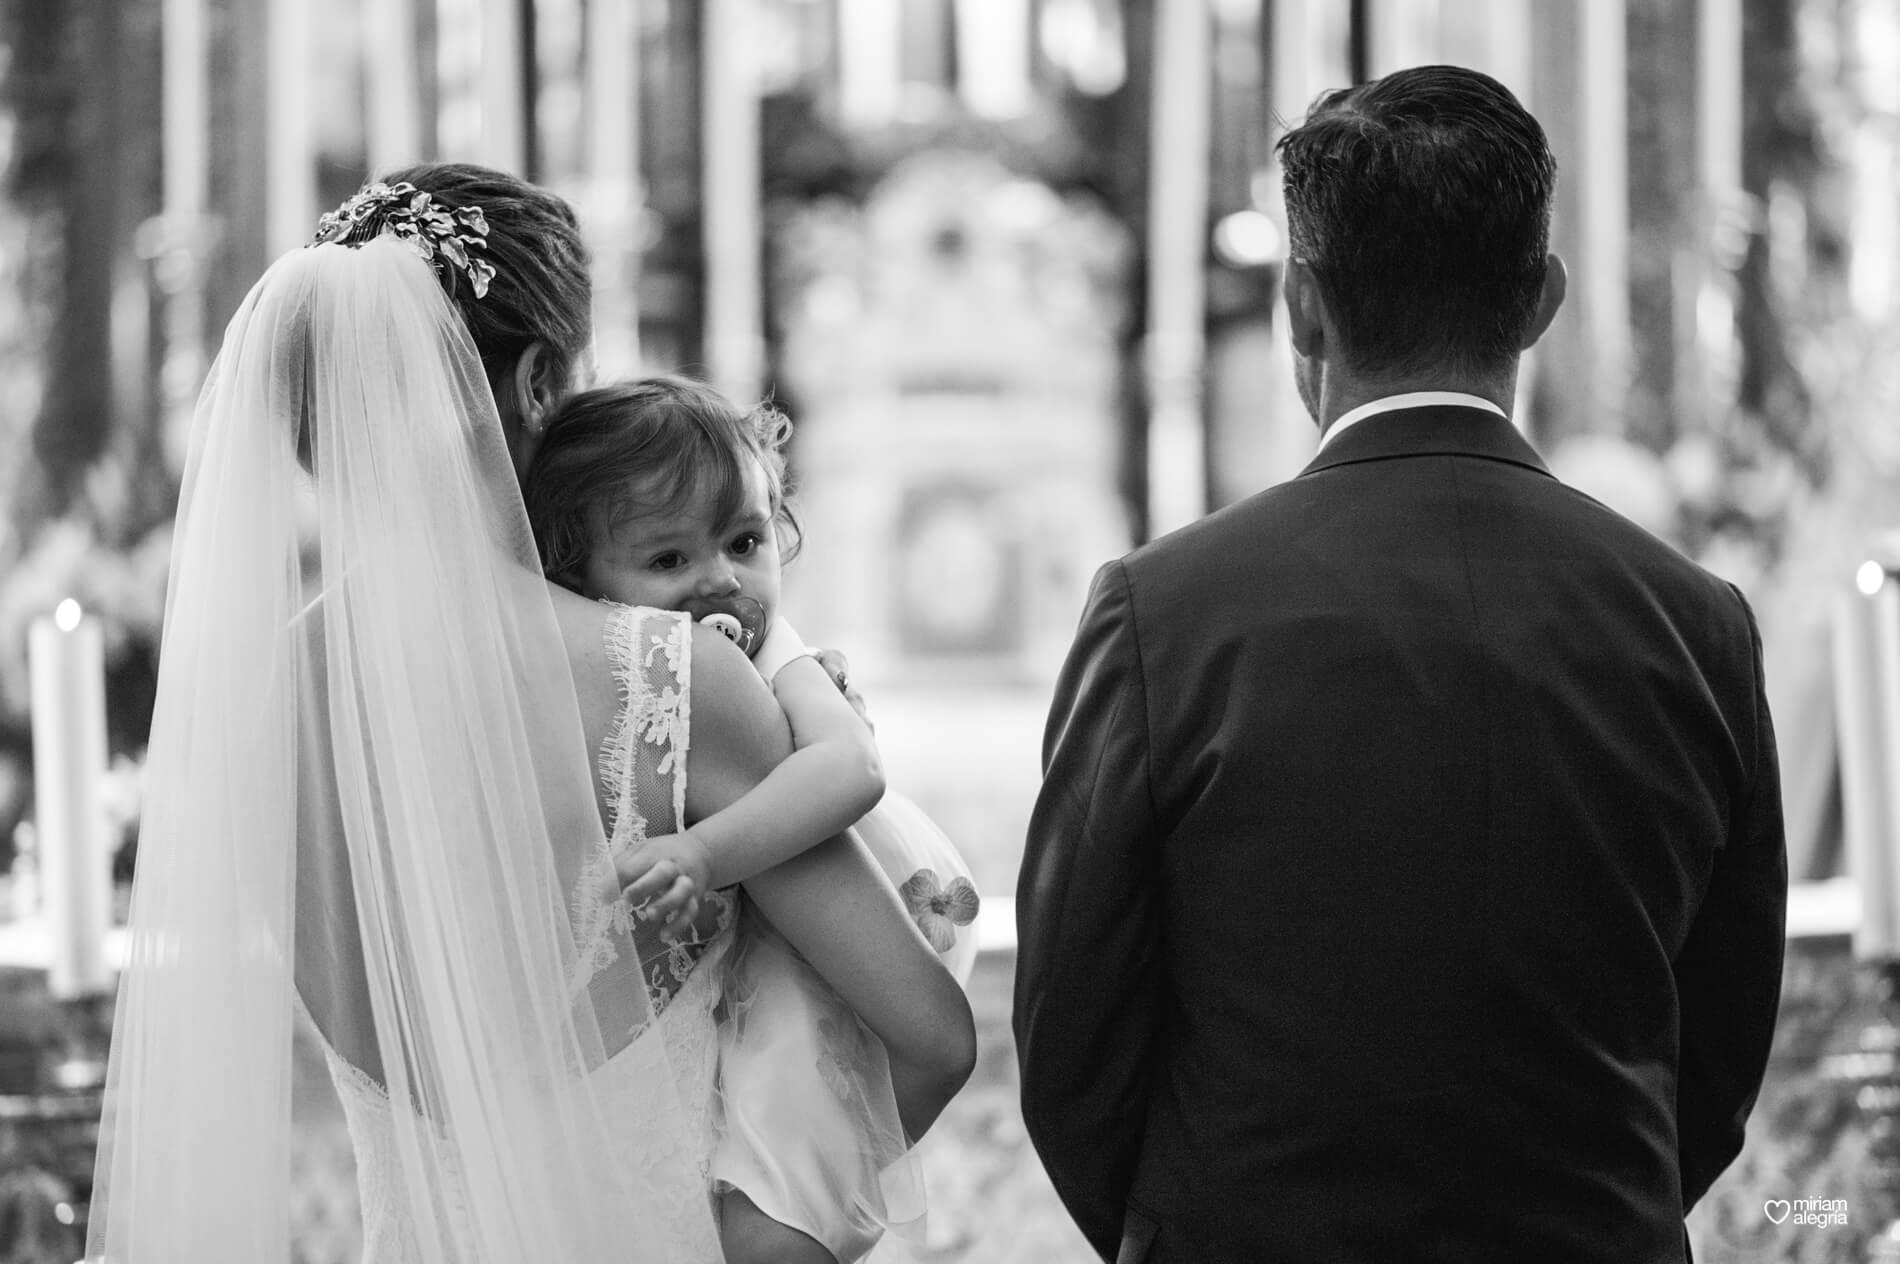 wedding-huerto-del-cura-elche-miriam-alegria-fotografos-boda-212